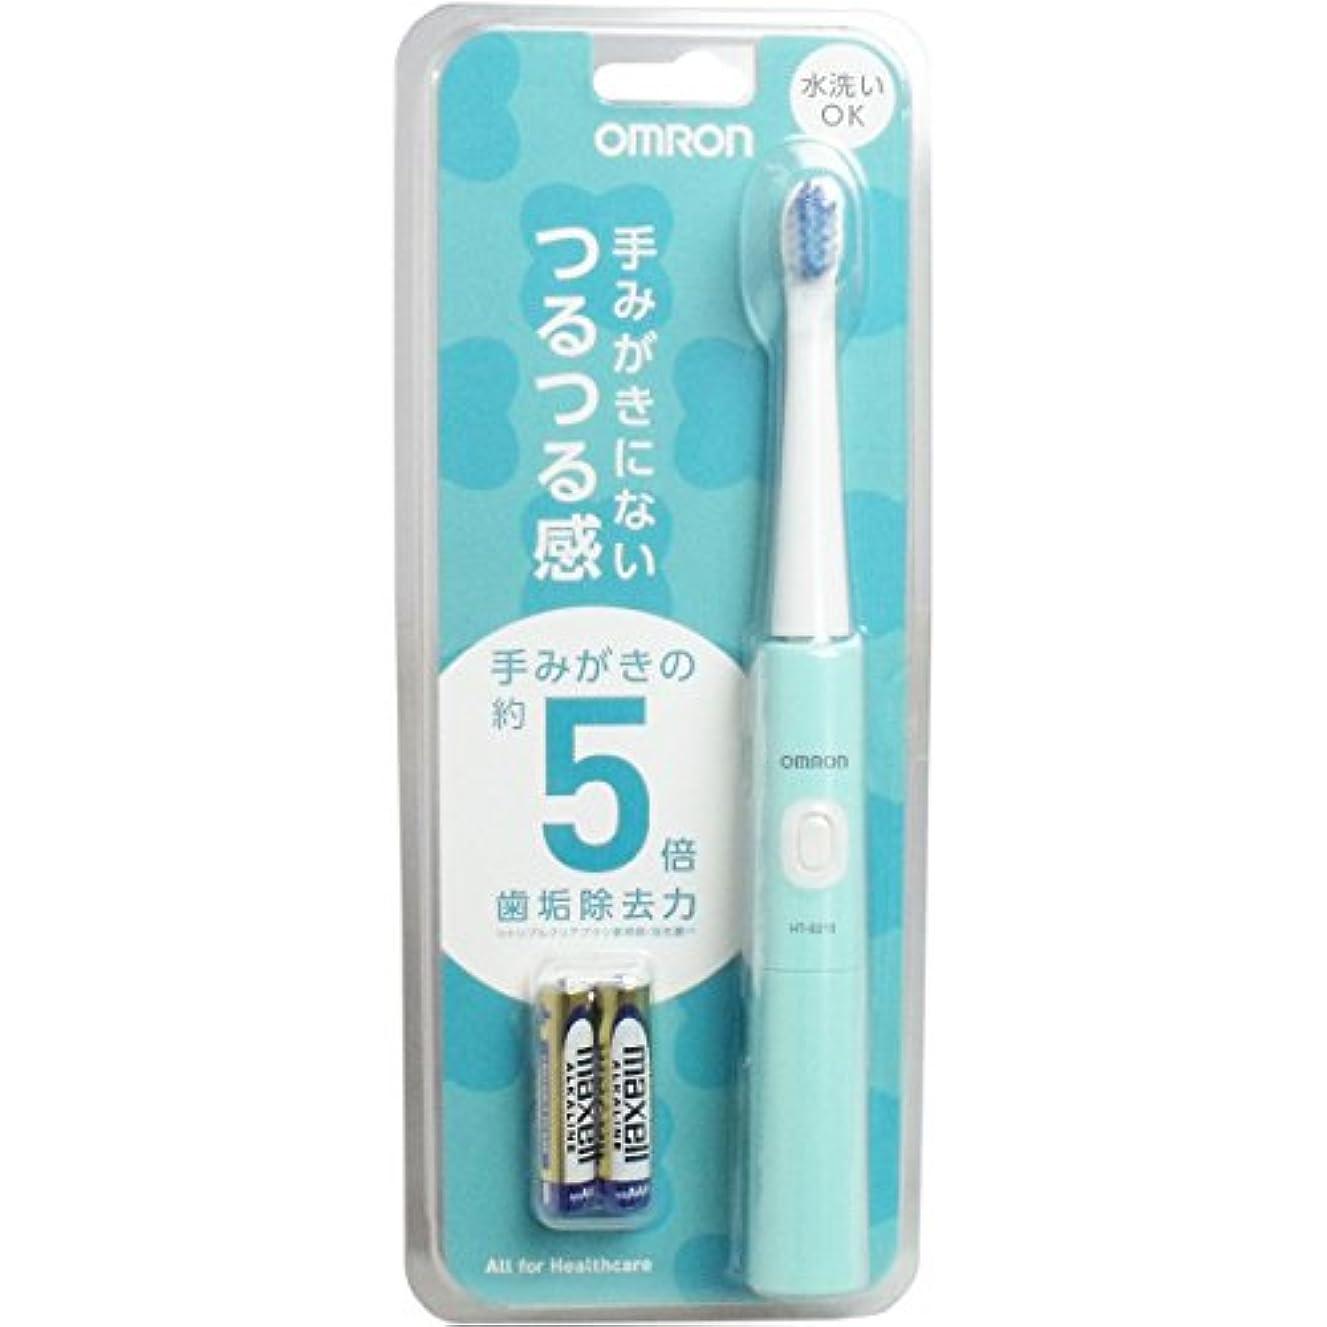 堀チャンピオン名門オムロンヘルスケア 音波式電動歯ブラシ ミントグリーン HT-B210-G